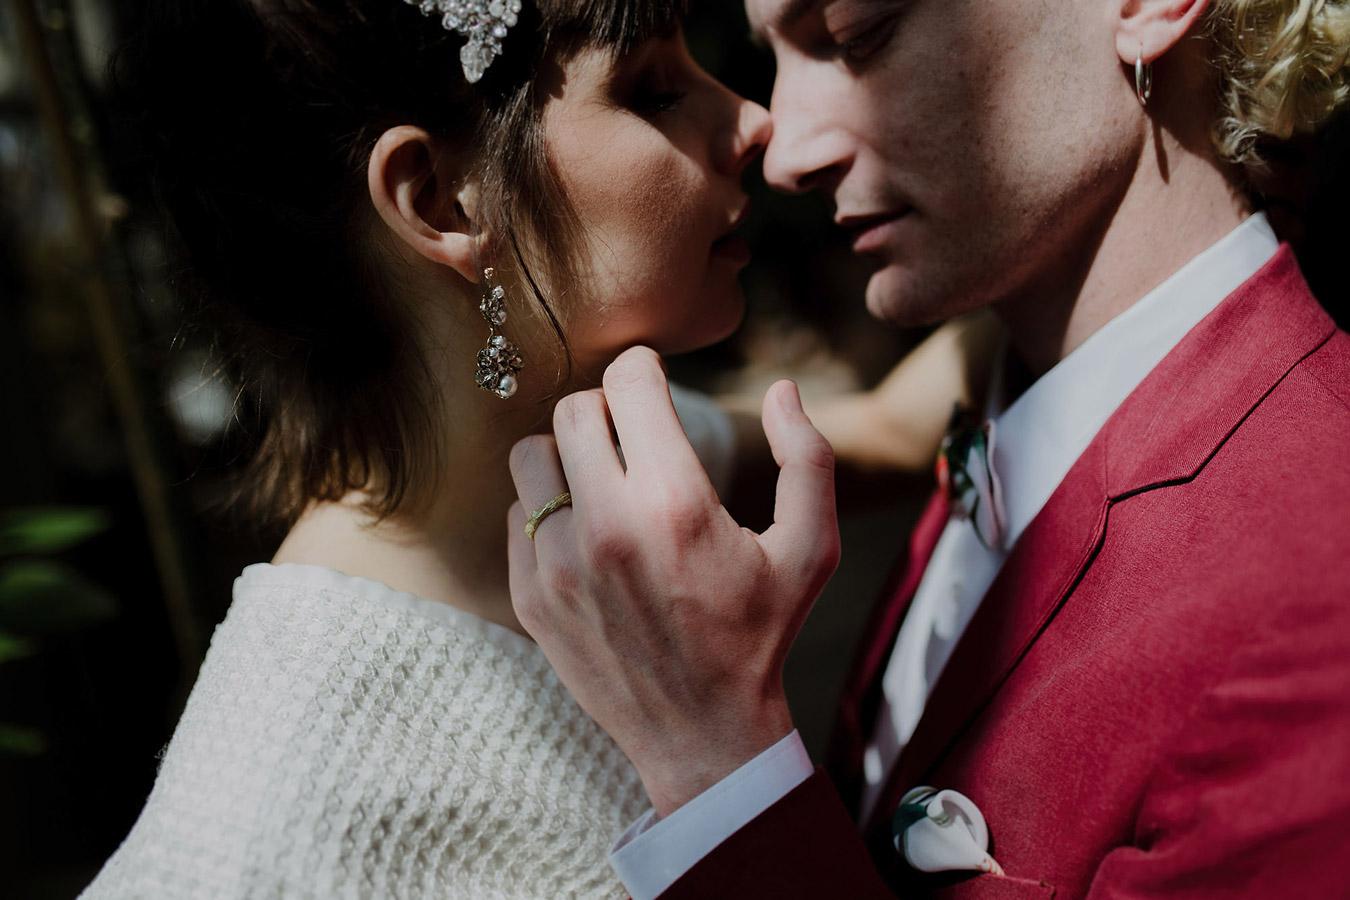 Без названия, © Дни из любви / Days Made of Love, Греция, Первое место, Фотоконкурс «Rangefinder Ежегодник»